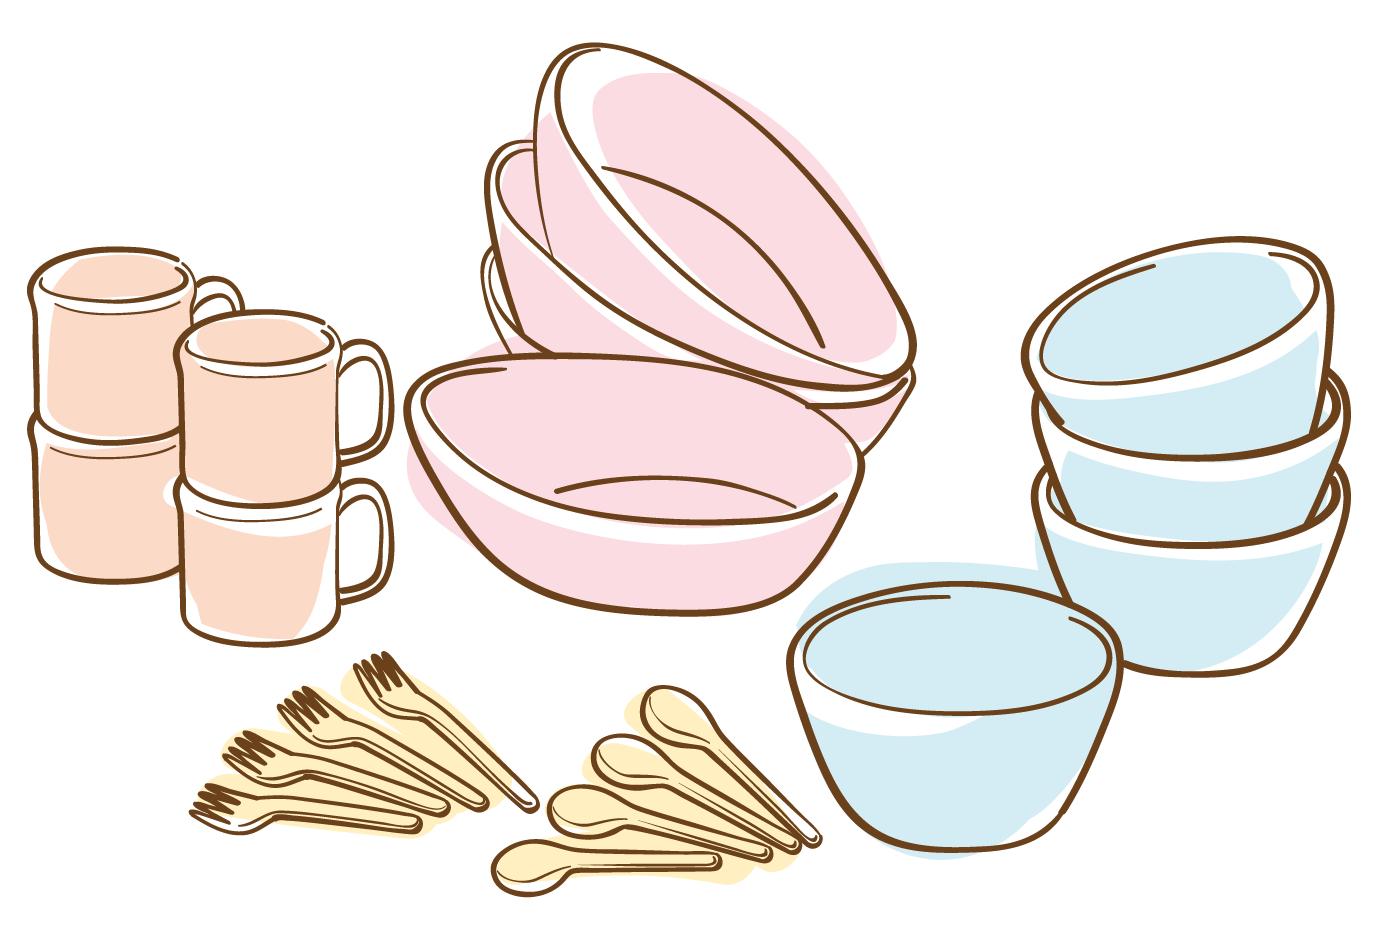 食器のイラスト(白フチあり)